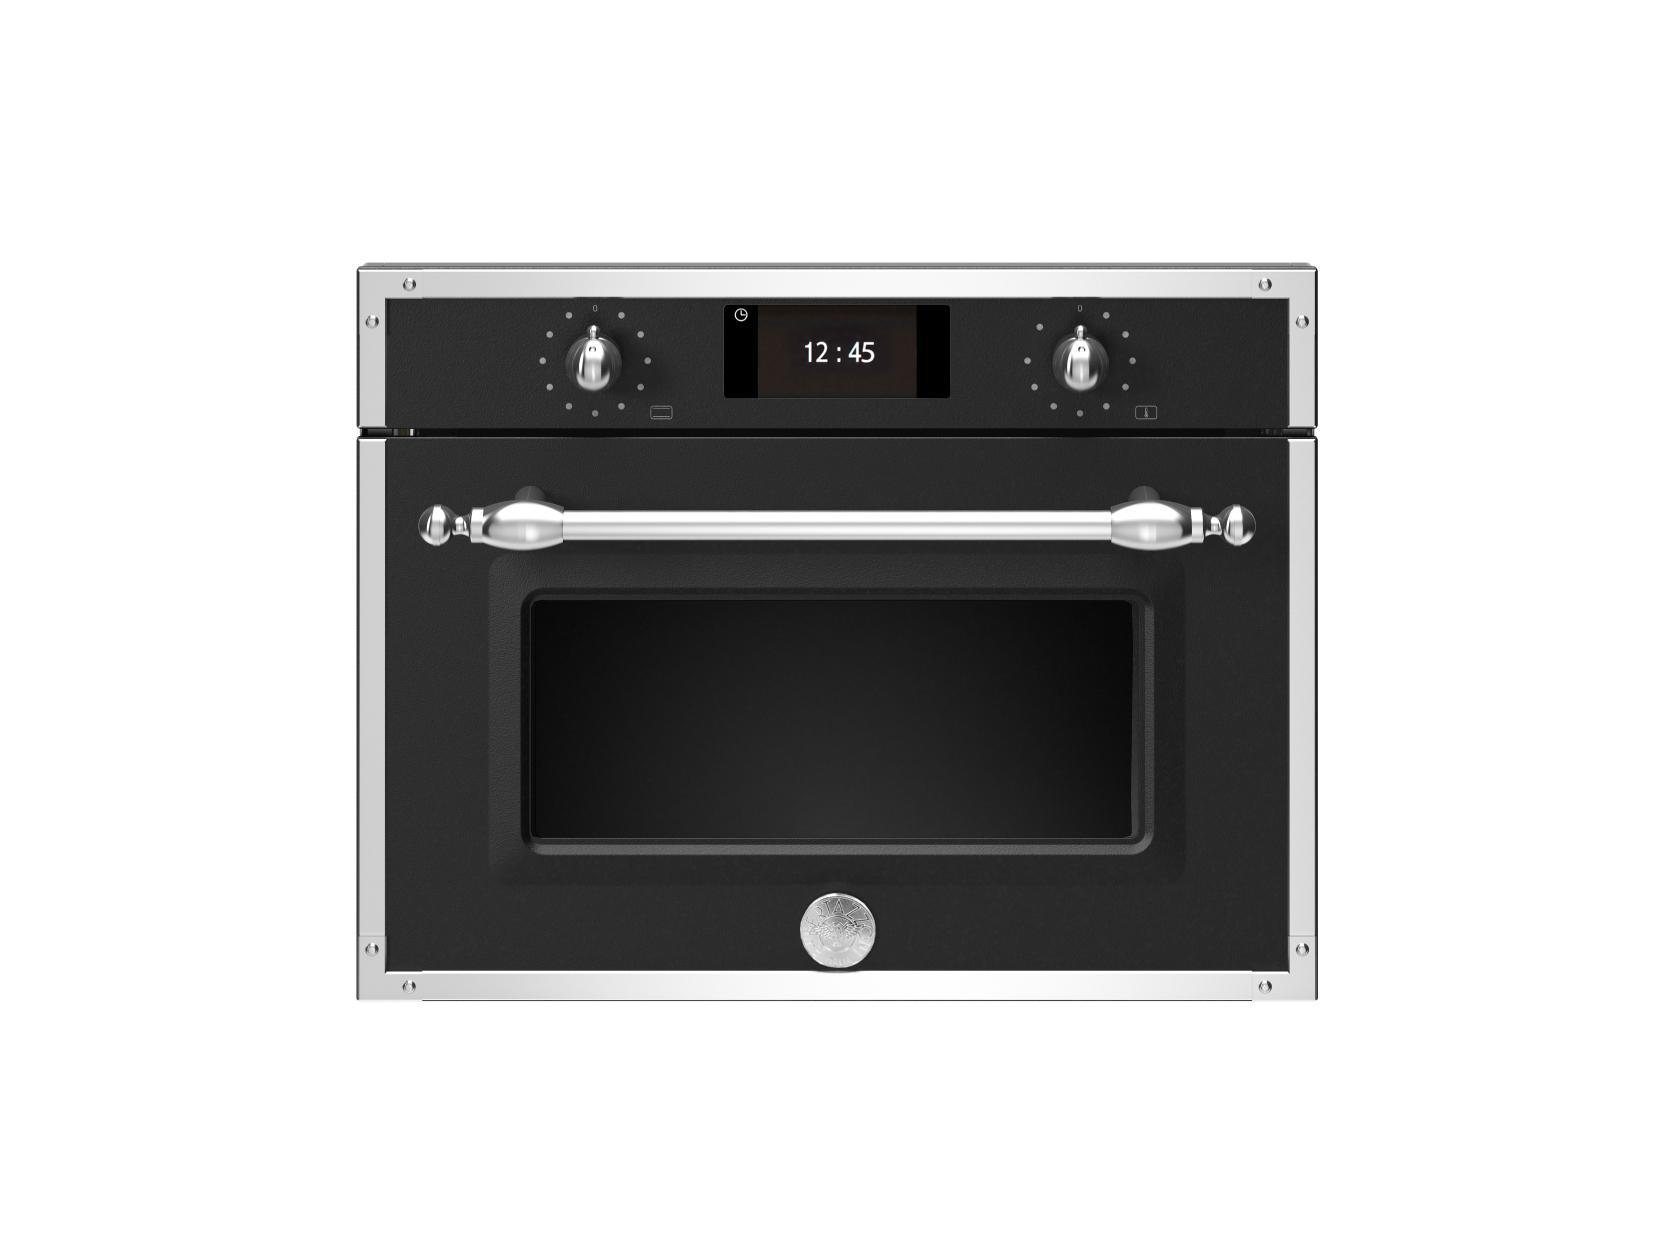 60x45cm Combi Microwave Oven Bertazzoni